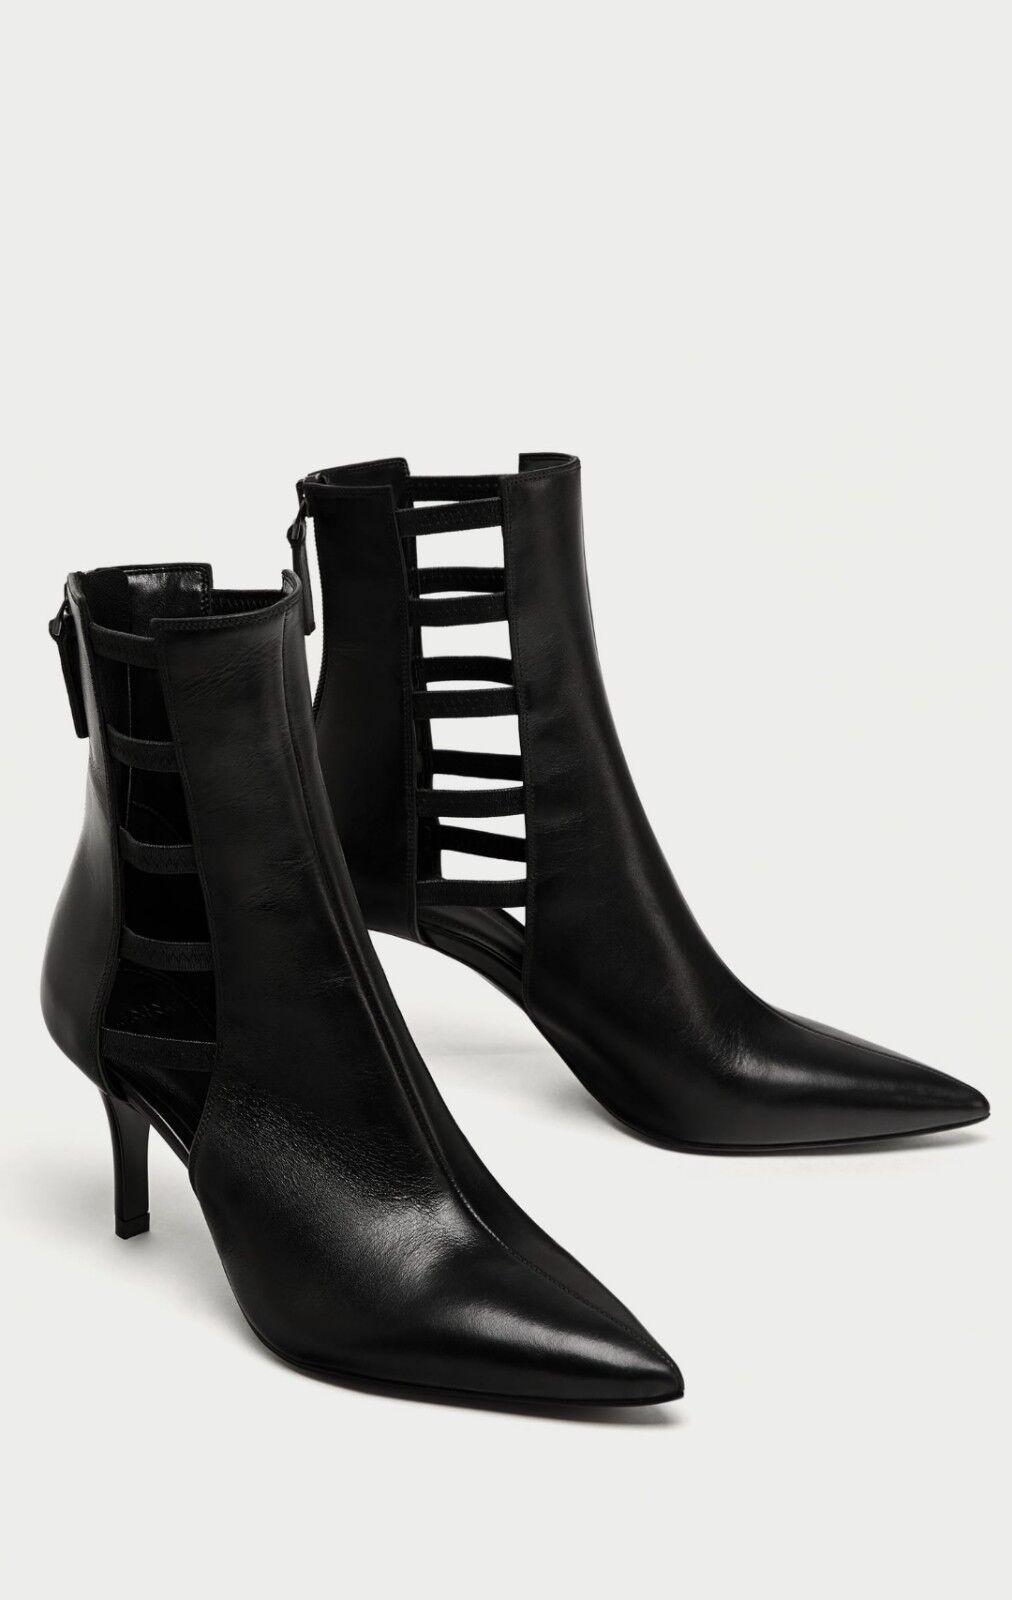 Zara taglia Nero Vera pelle stivaletti 38 tacco medio, taglia Zara EUR 38   ae5be5